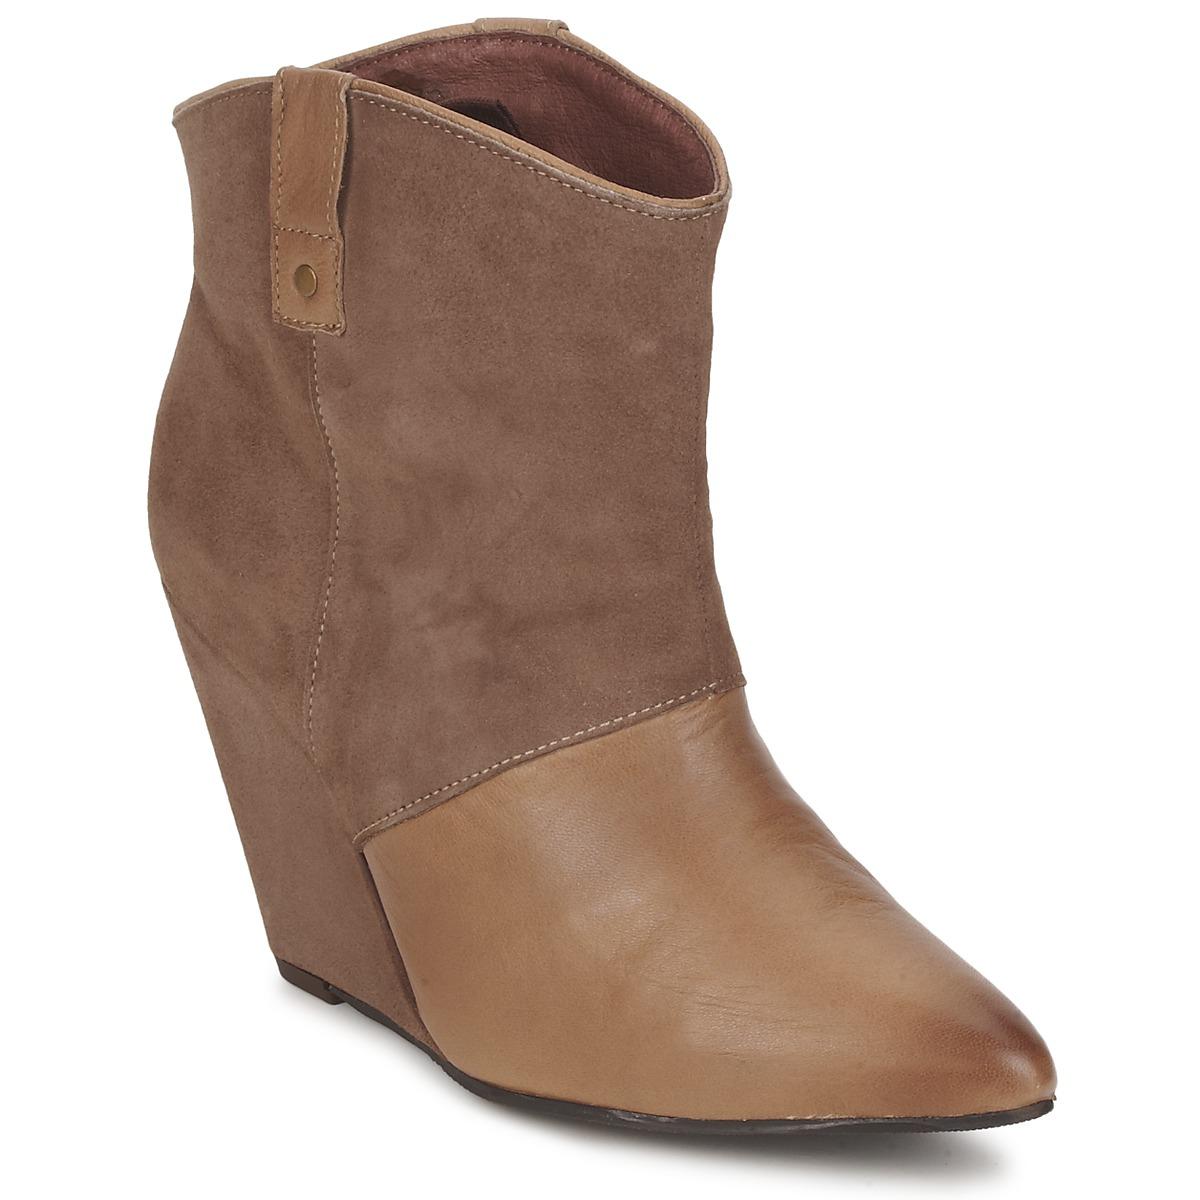 Koah LIBERTY Maulwurf - Kostenloser Versand bei Spartoode ! - Schuhe Low Boots Damen 107,40 €